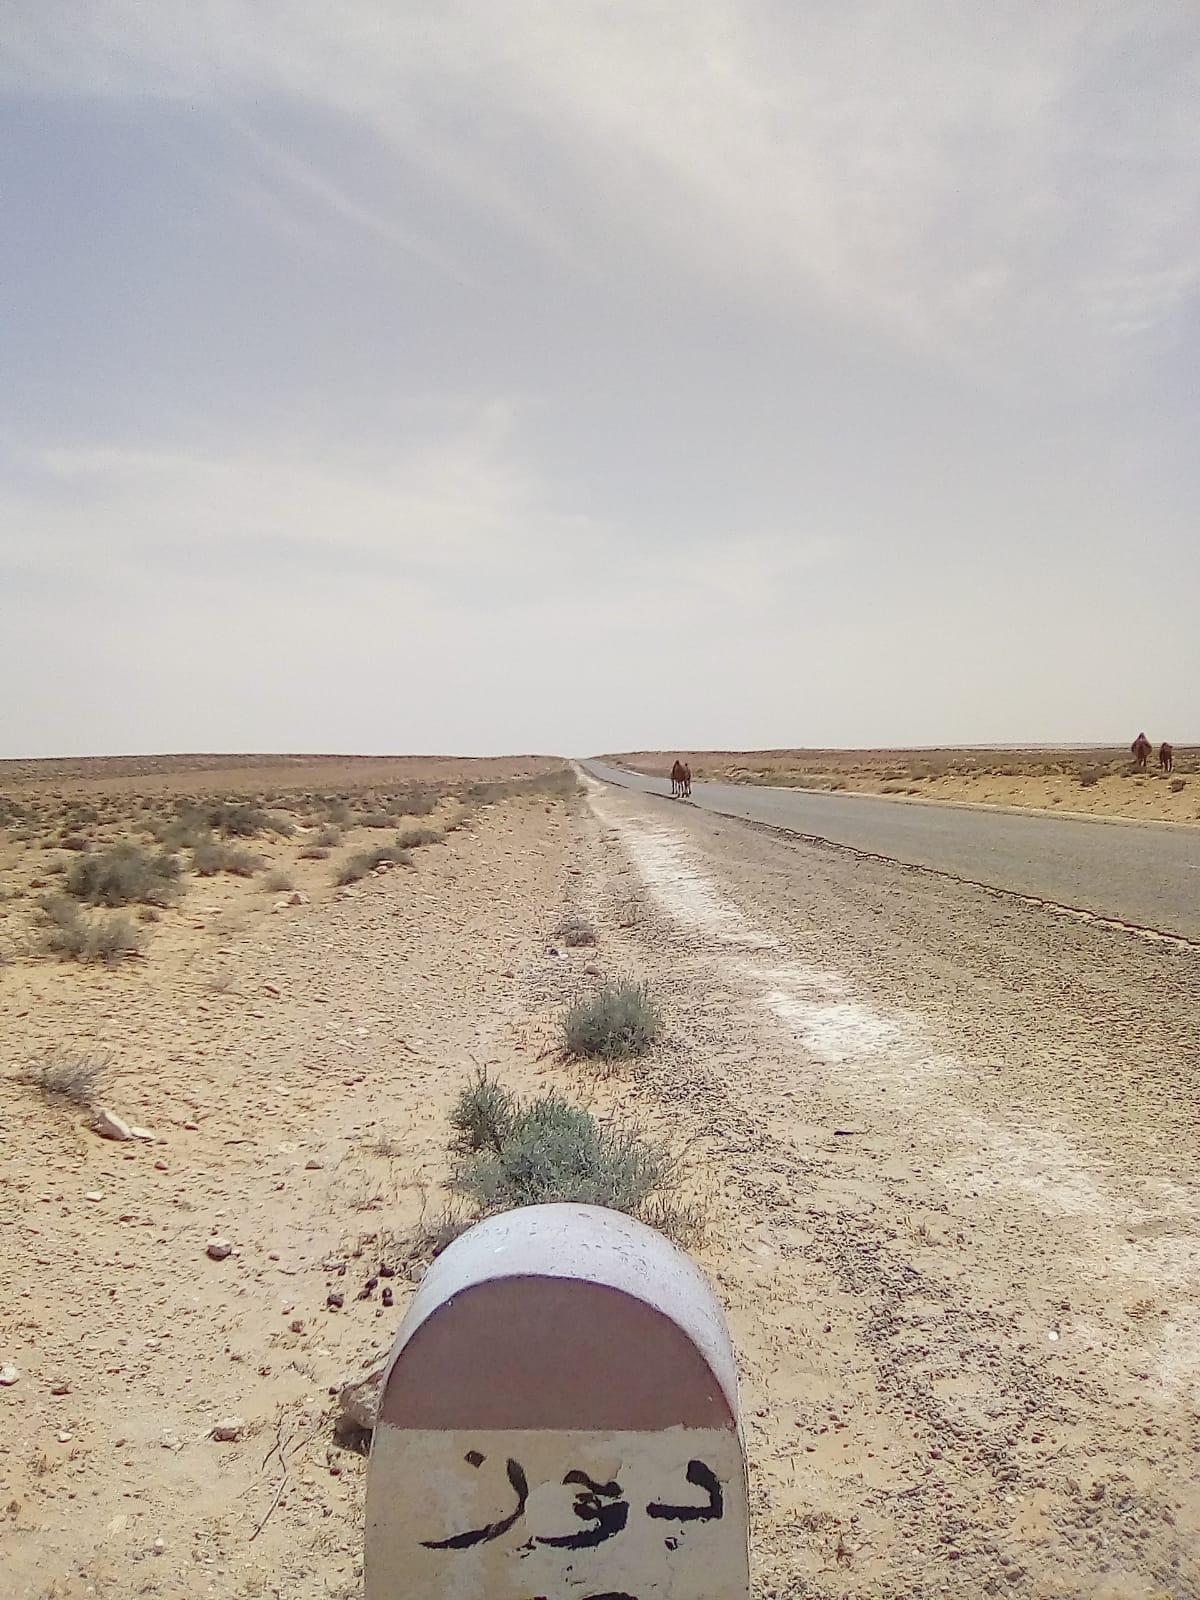 PROGRAMMA VIAGGIO IN TUNISIA 2020